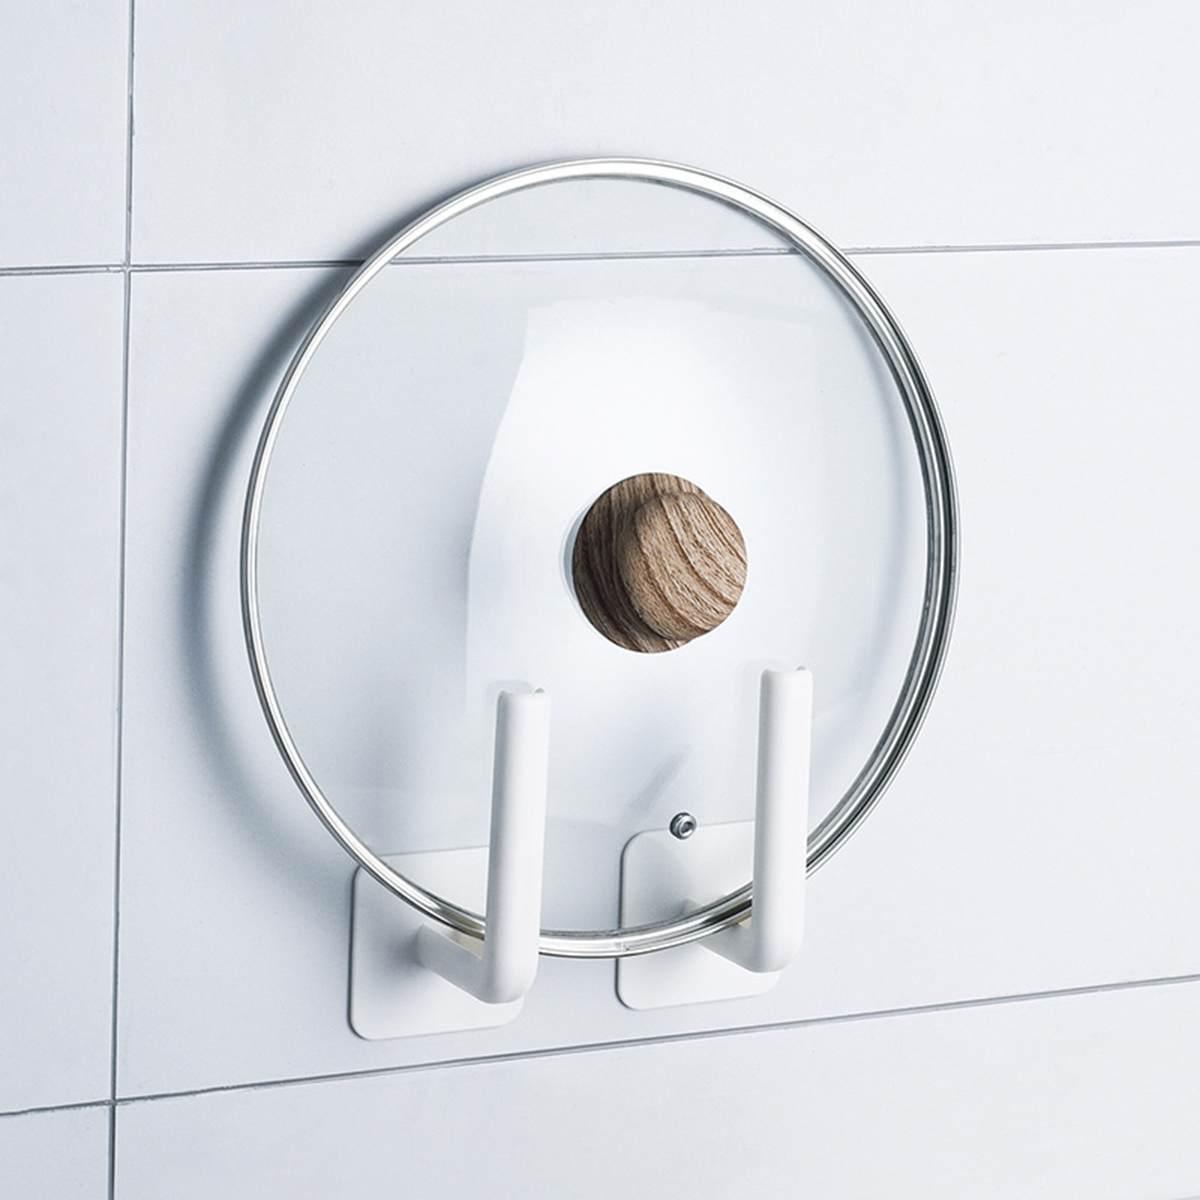 2 pçs gancho de parede vara gancho pendurado toalha tampa titular cozinha banheiro organizador armazenamento